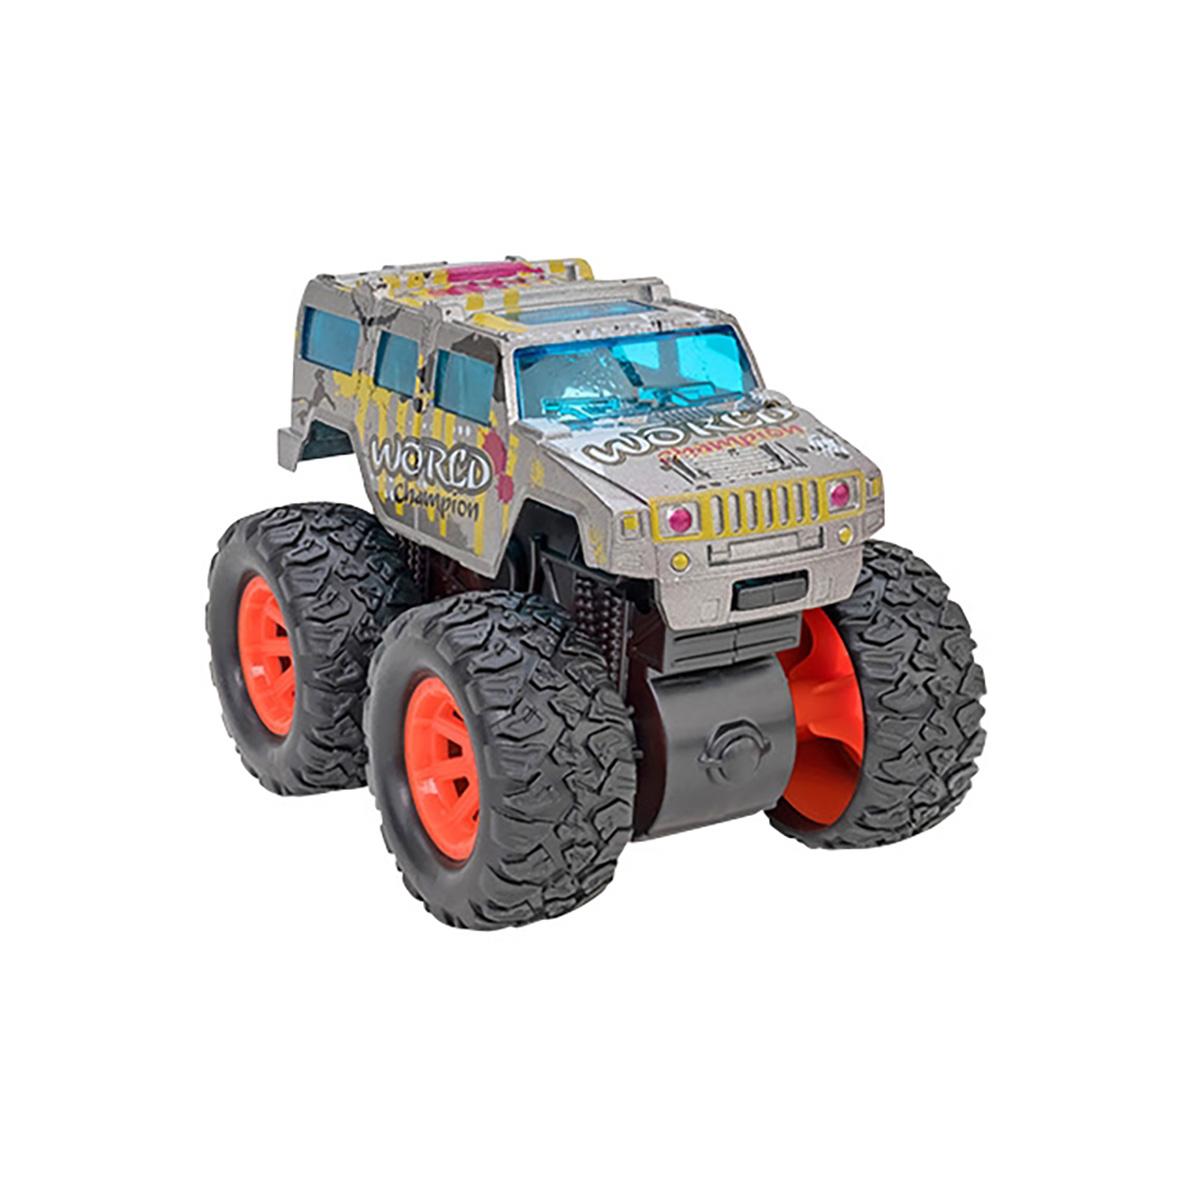 Masinuta Monster Truck Globo Die Cast, Gri